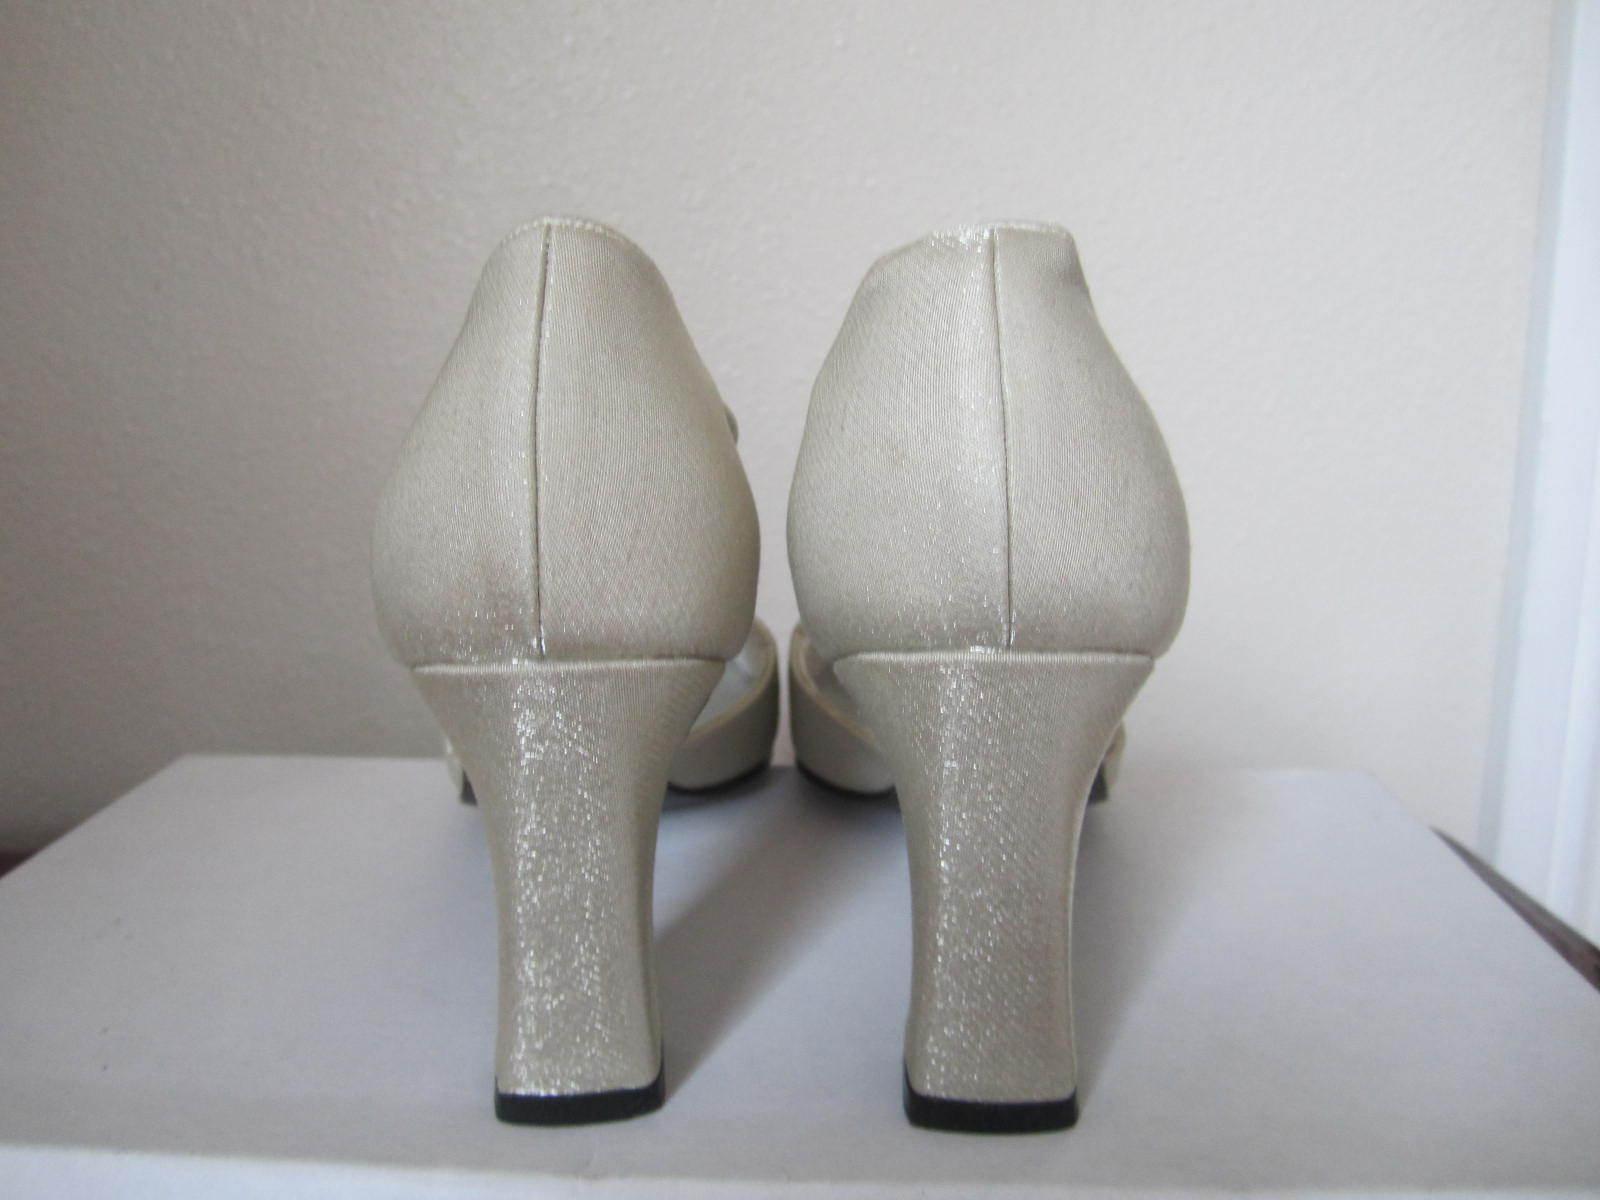 Stuart Weitzman schuhe Heels Fabric Print Strap Größe 5.5 5.5 5.5 Beige cdef58